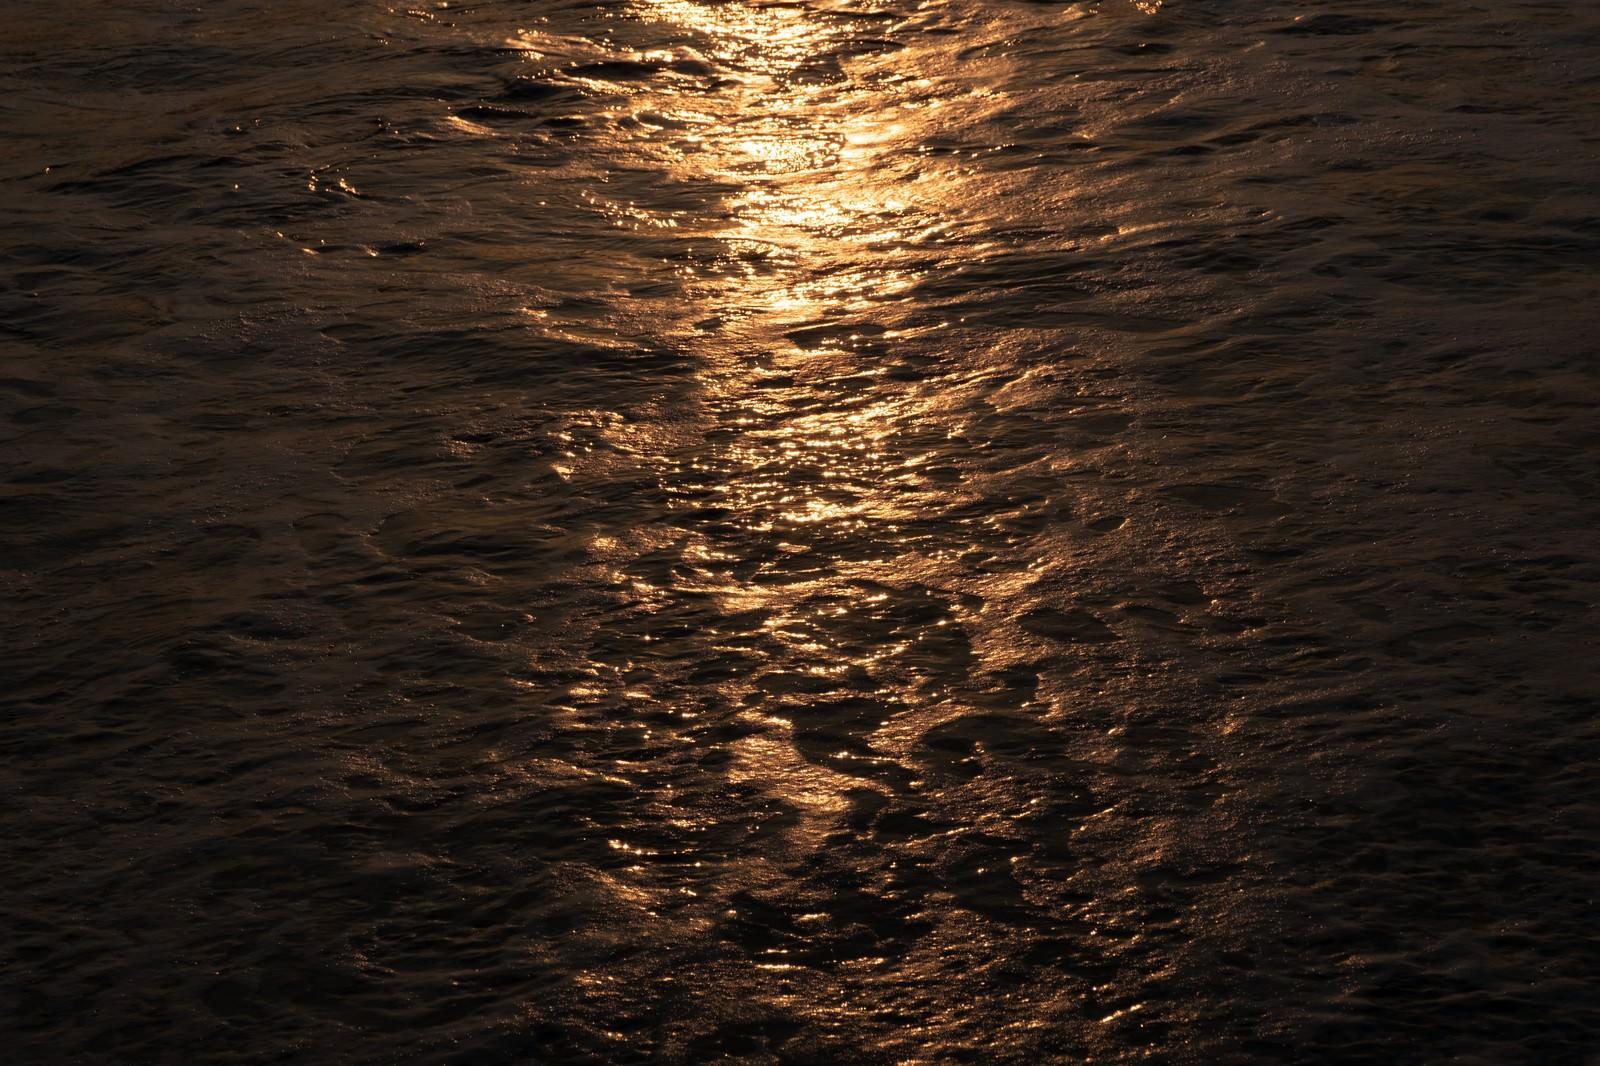 「一宮海岸の海の表情(千葉県一宮町)」の写真